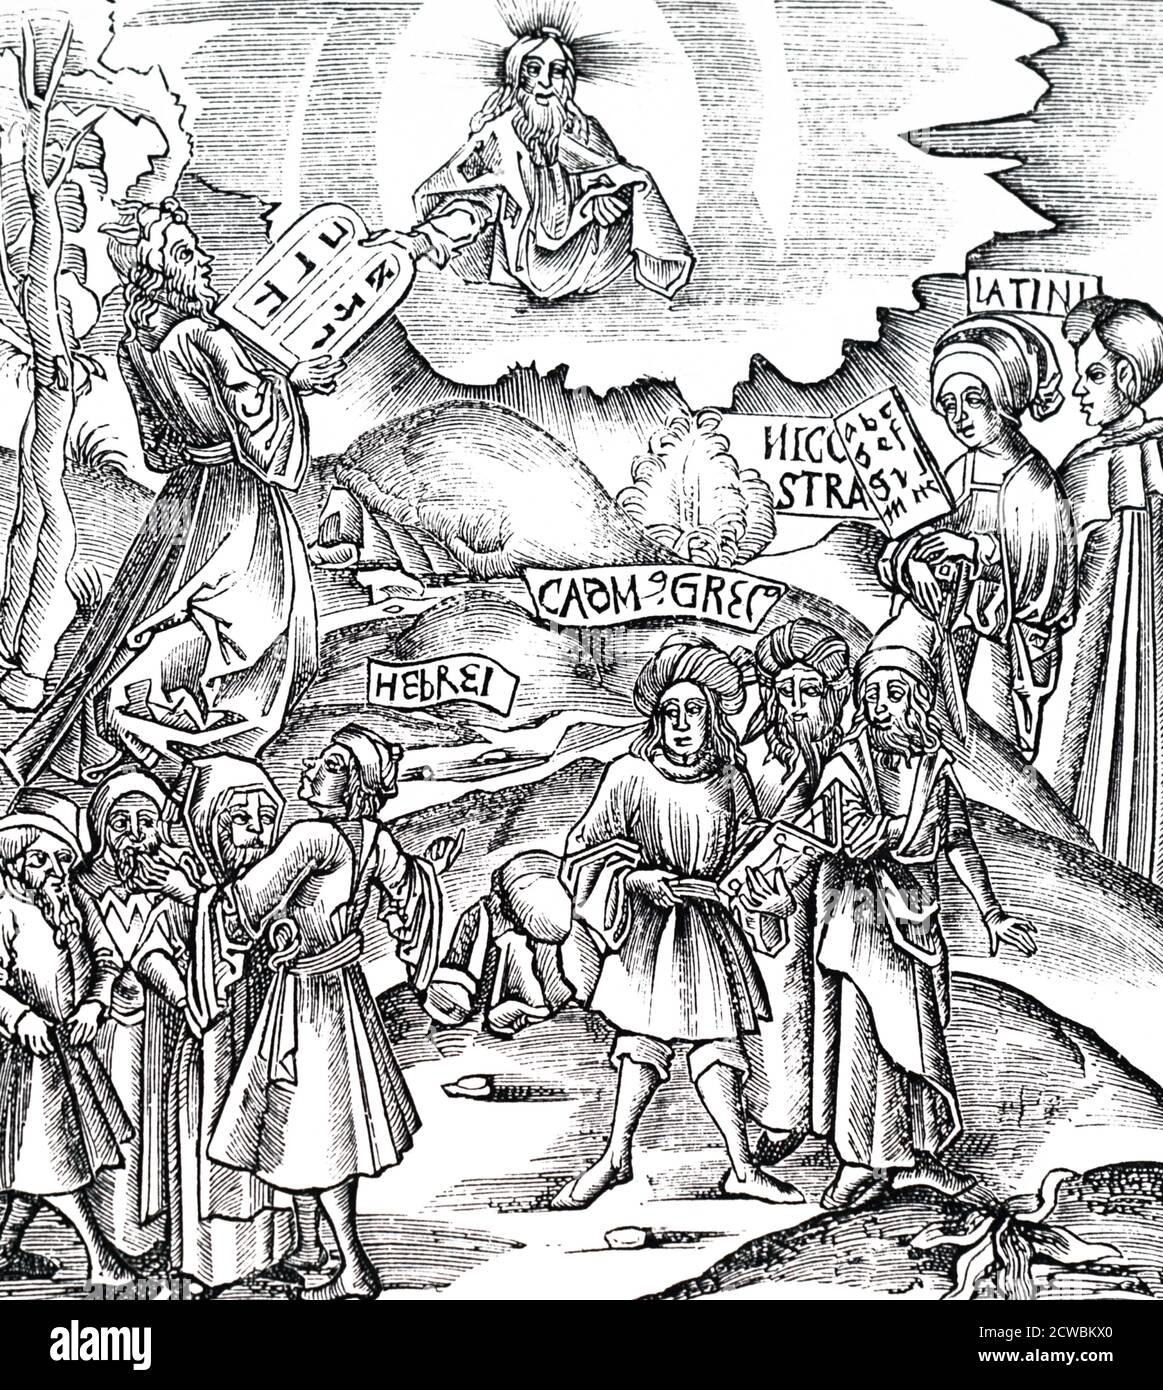 Gravure sur bois représentant Moïse recevant les tablettes de pierre en hébreu. Banque D'Images